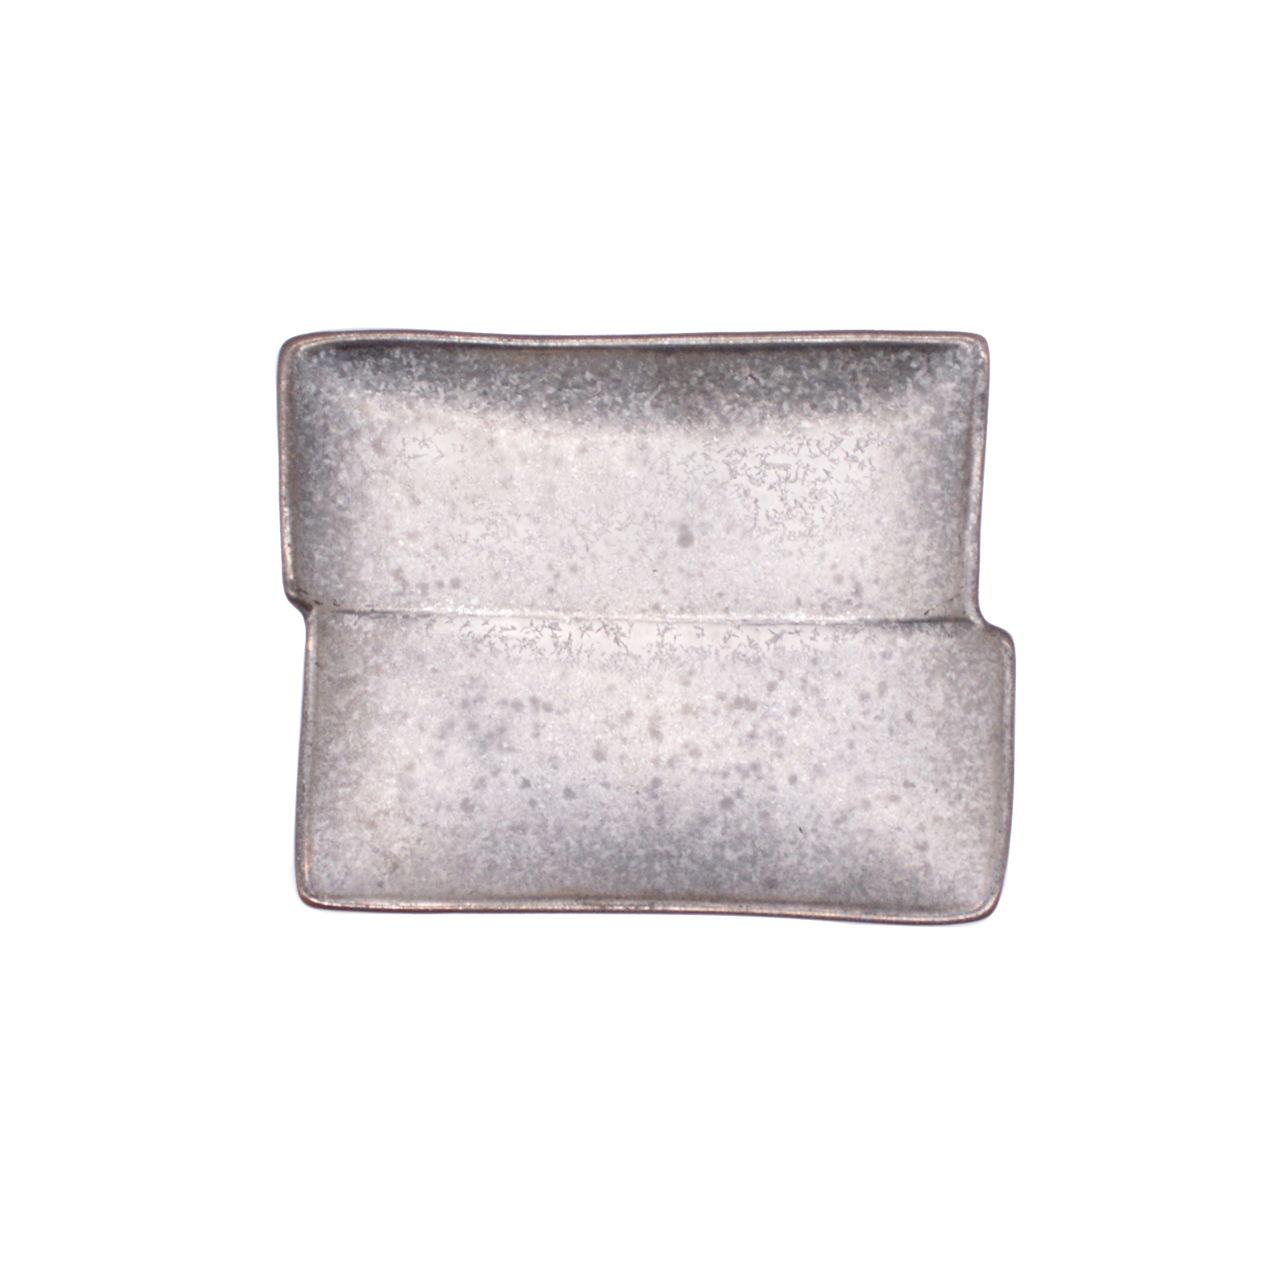 【限定1点 アウトレット品】有田焼 角型 小皿 銀塗 252458 豆豆市013